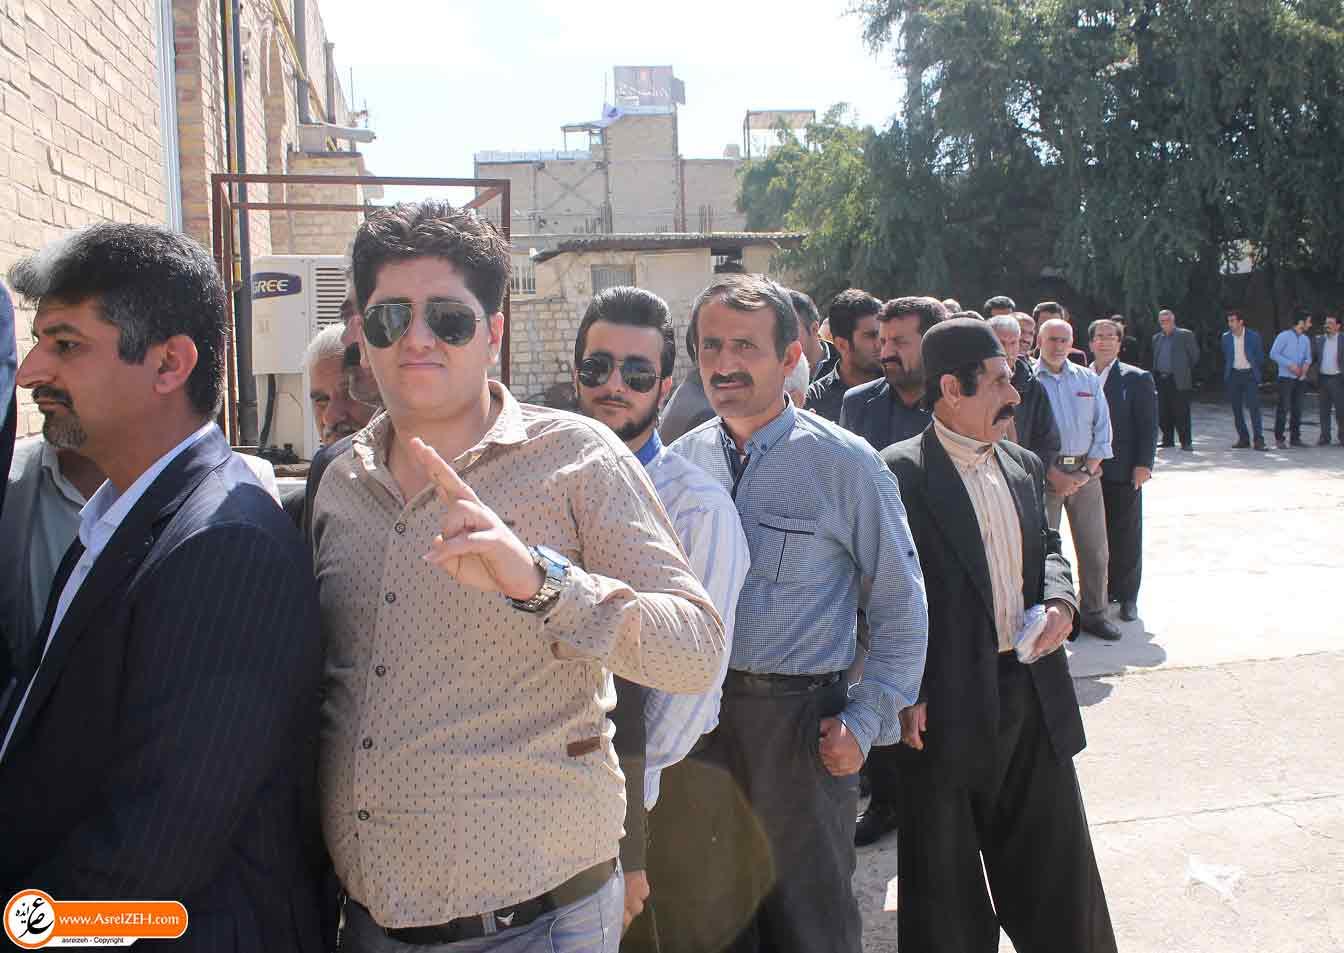 حضور گسترده و کم نظیر مردم ایذه در پای صندوق های رأی + تصاویر